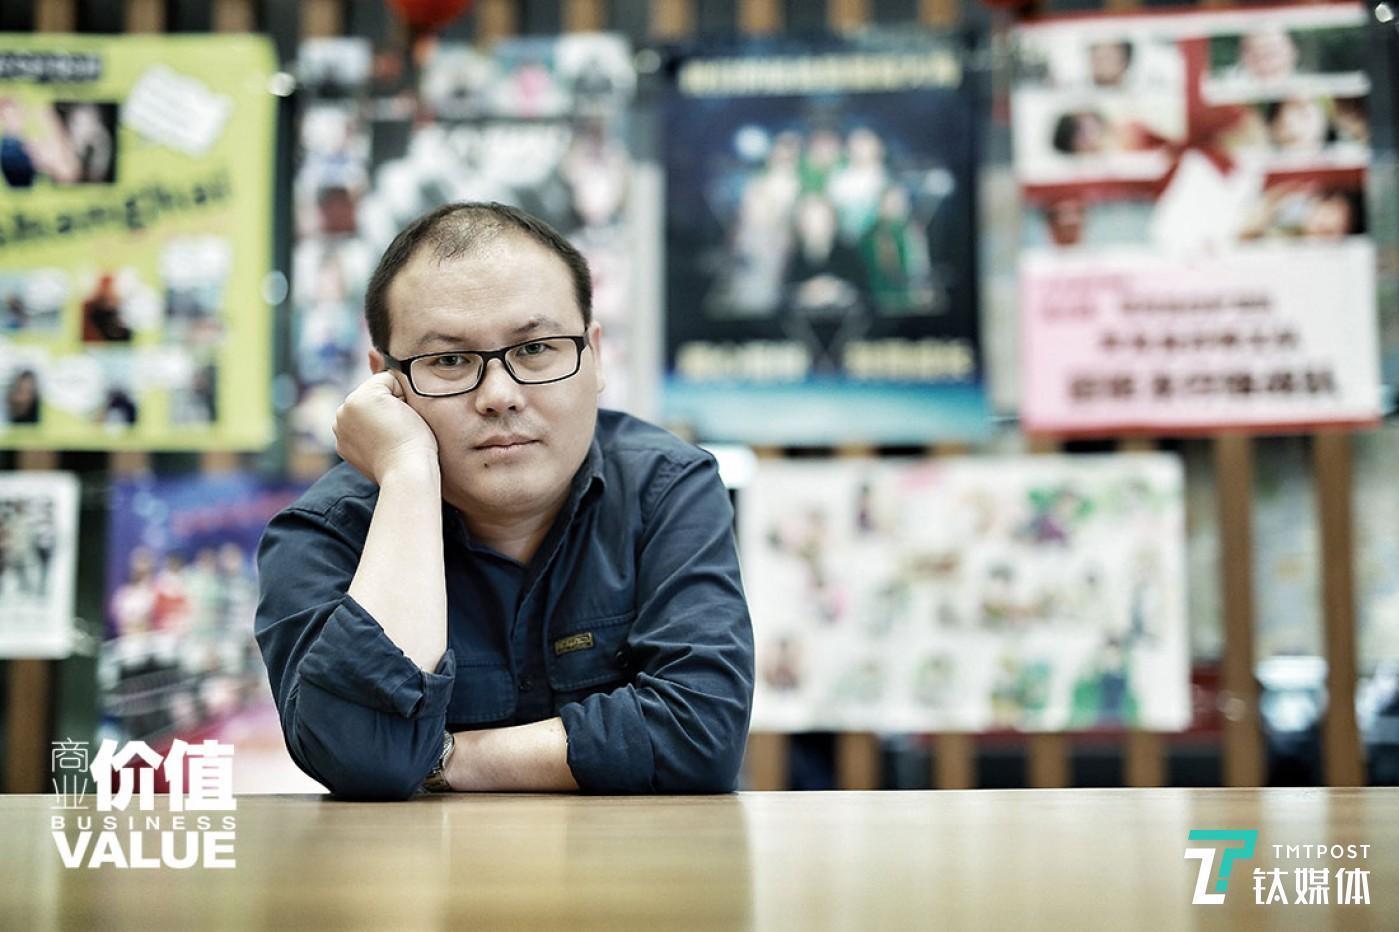 阿里影业集团副总裁杨磊